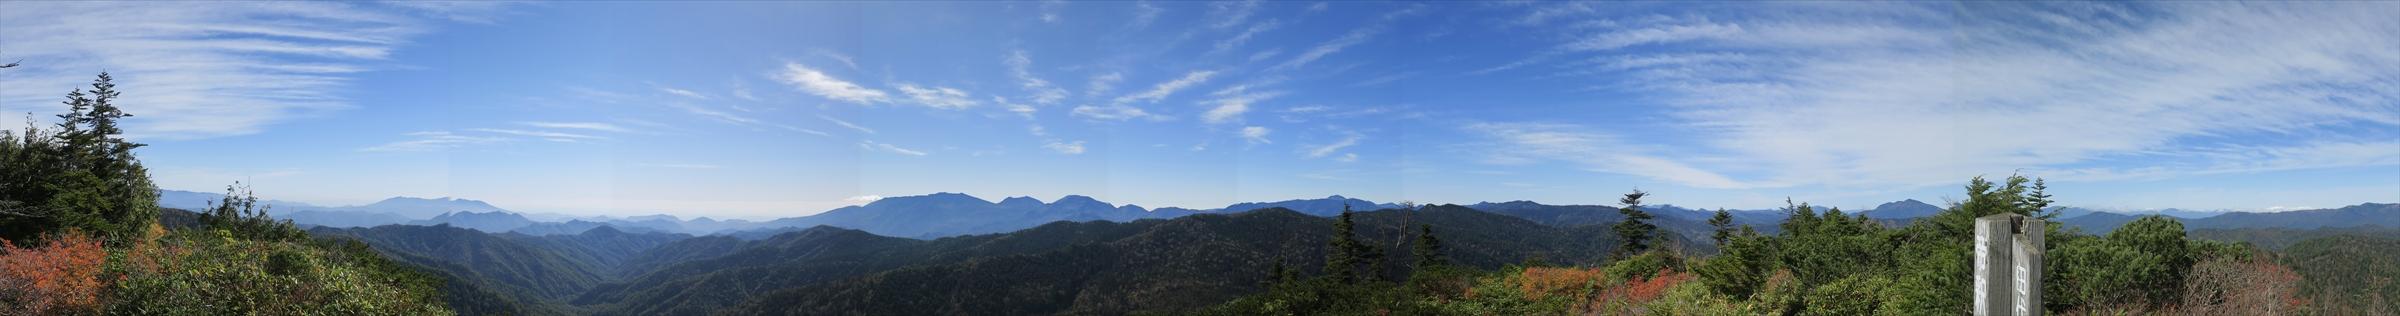 福島県境の分水嶺、帝釈山に立つ。快晴、大展望にうっとり。